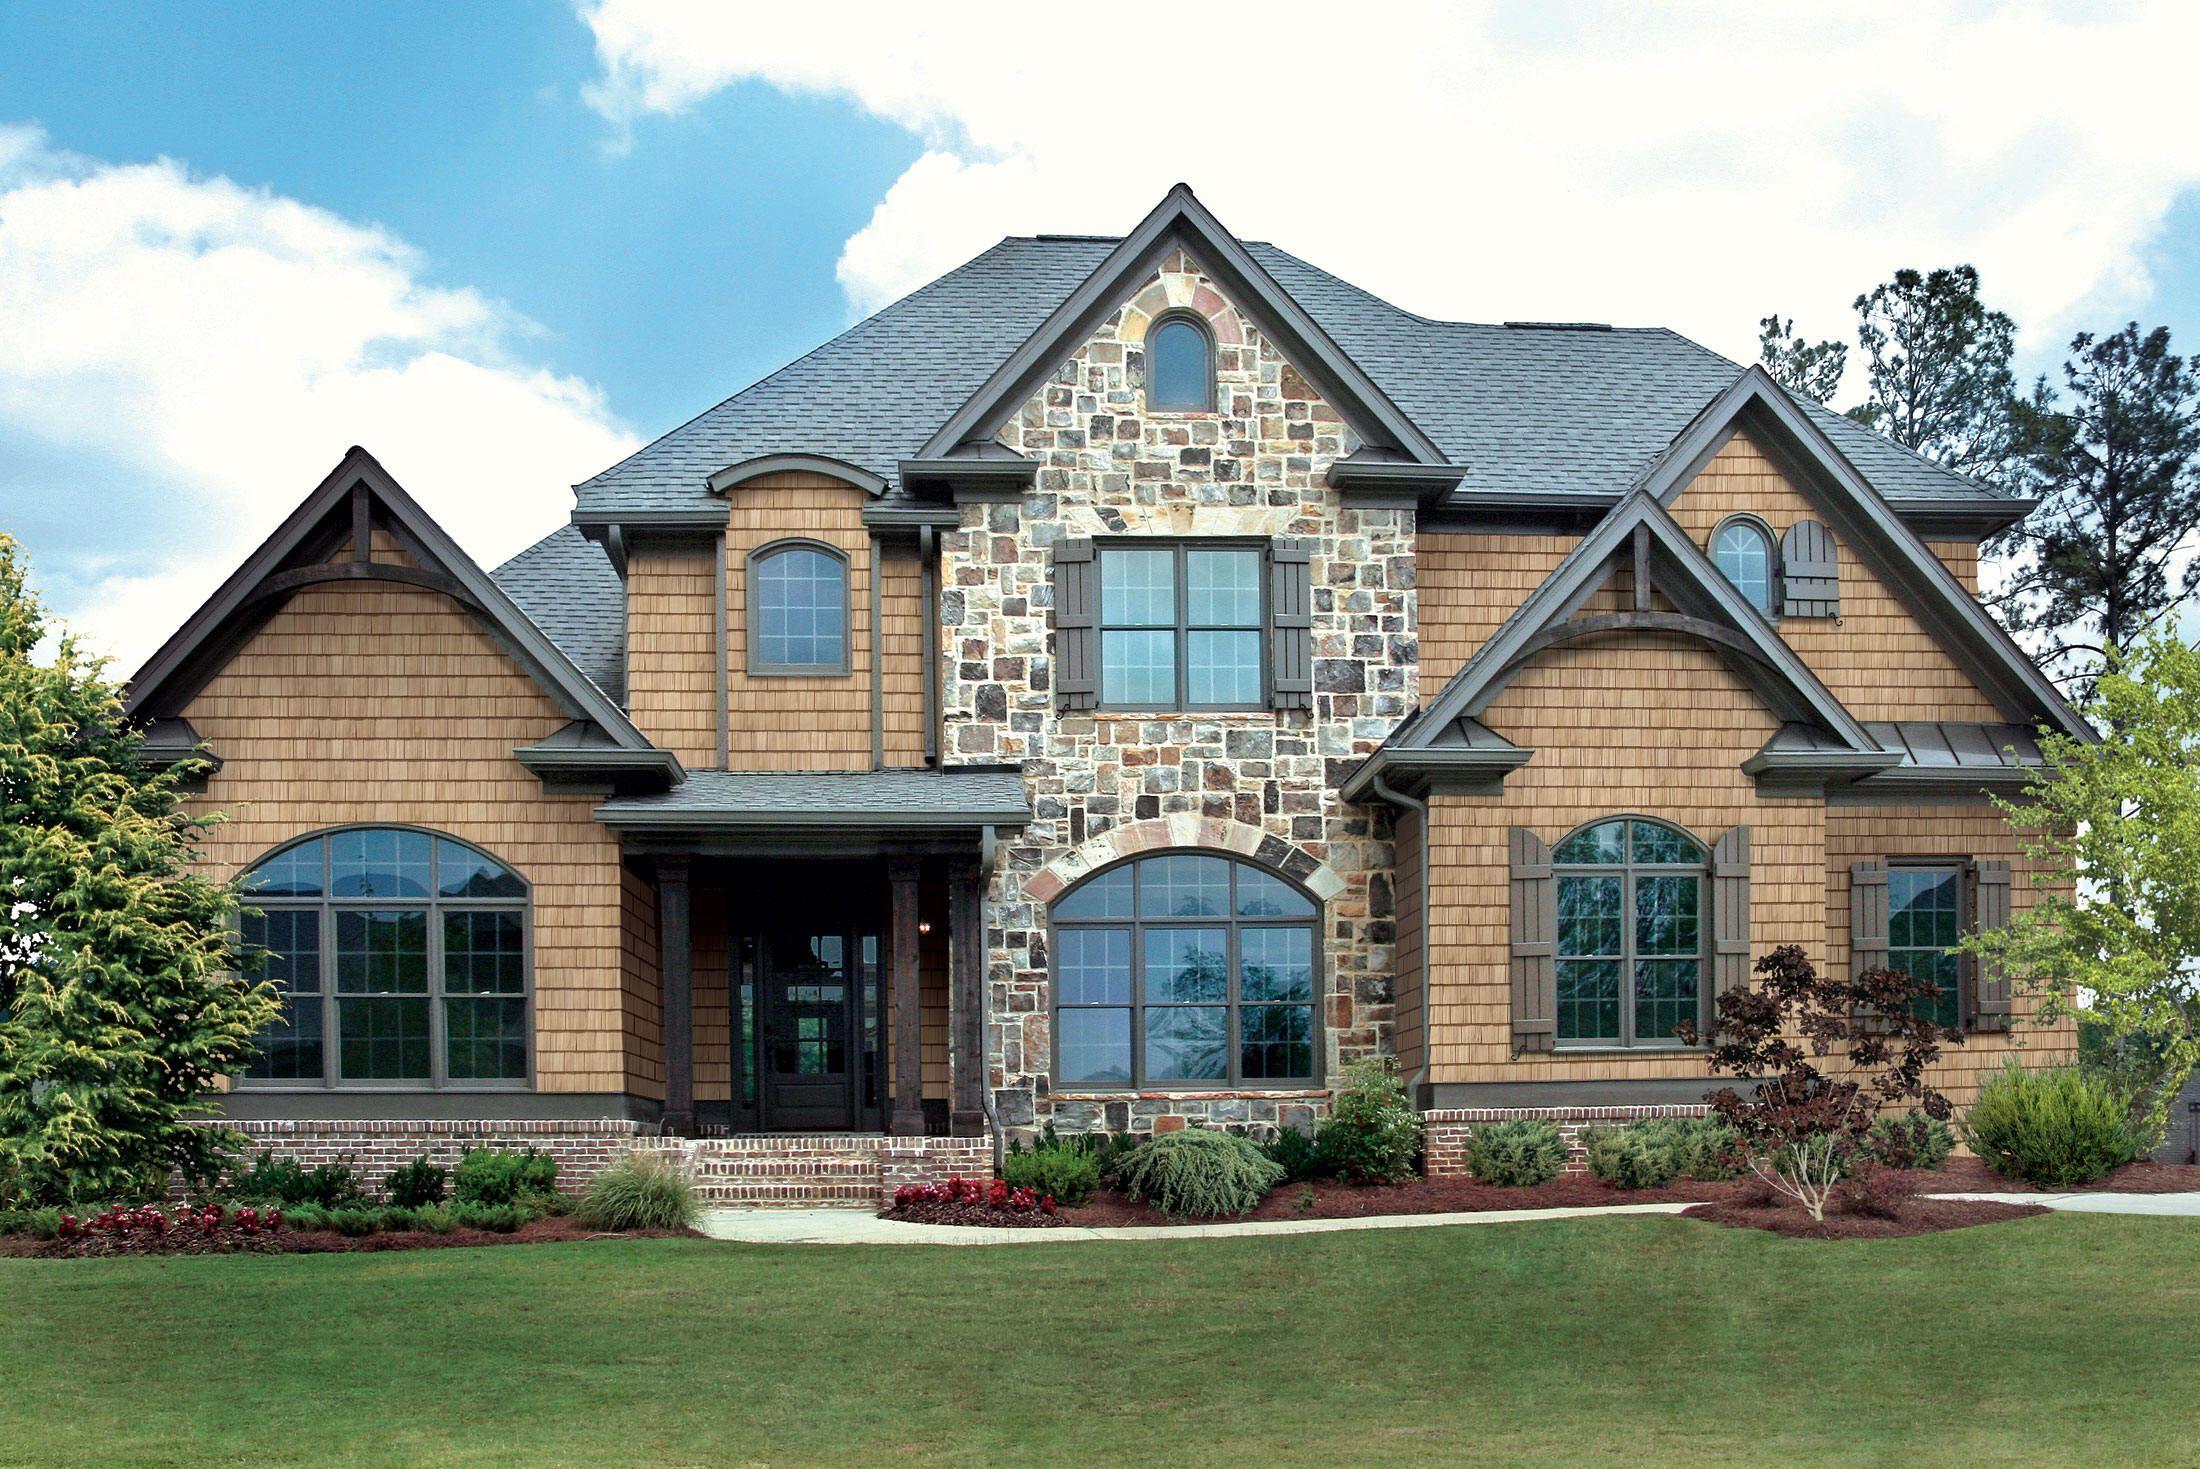 Gable Peak House Designs Exterior House Paint Exterior House Exterior